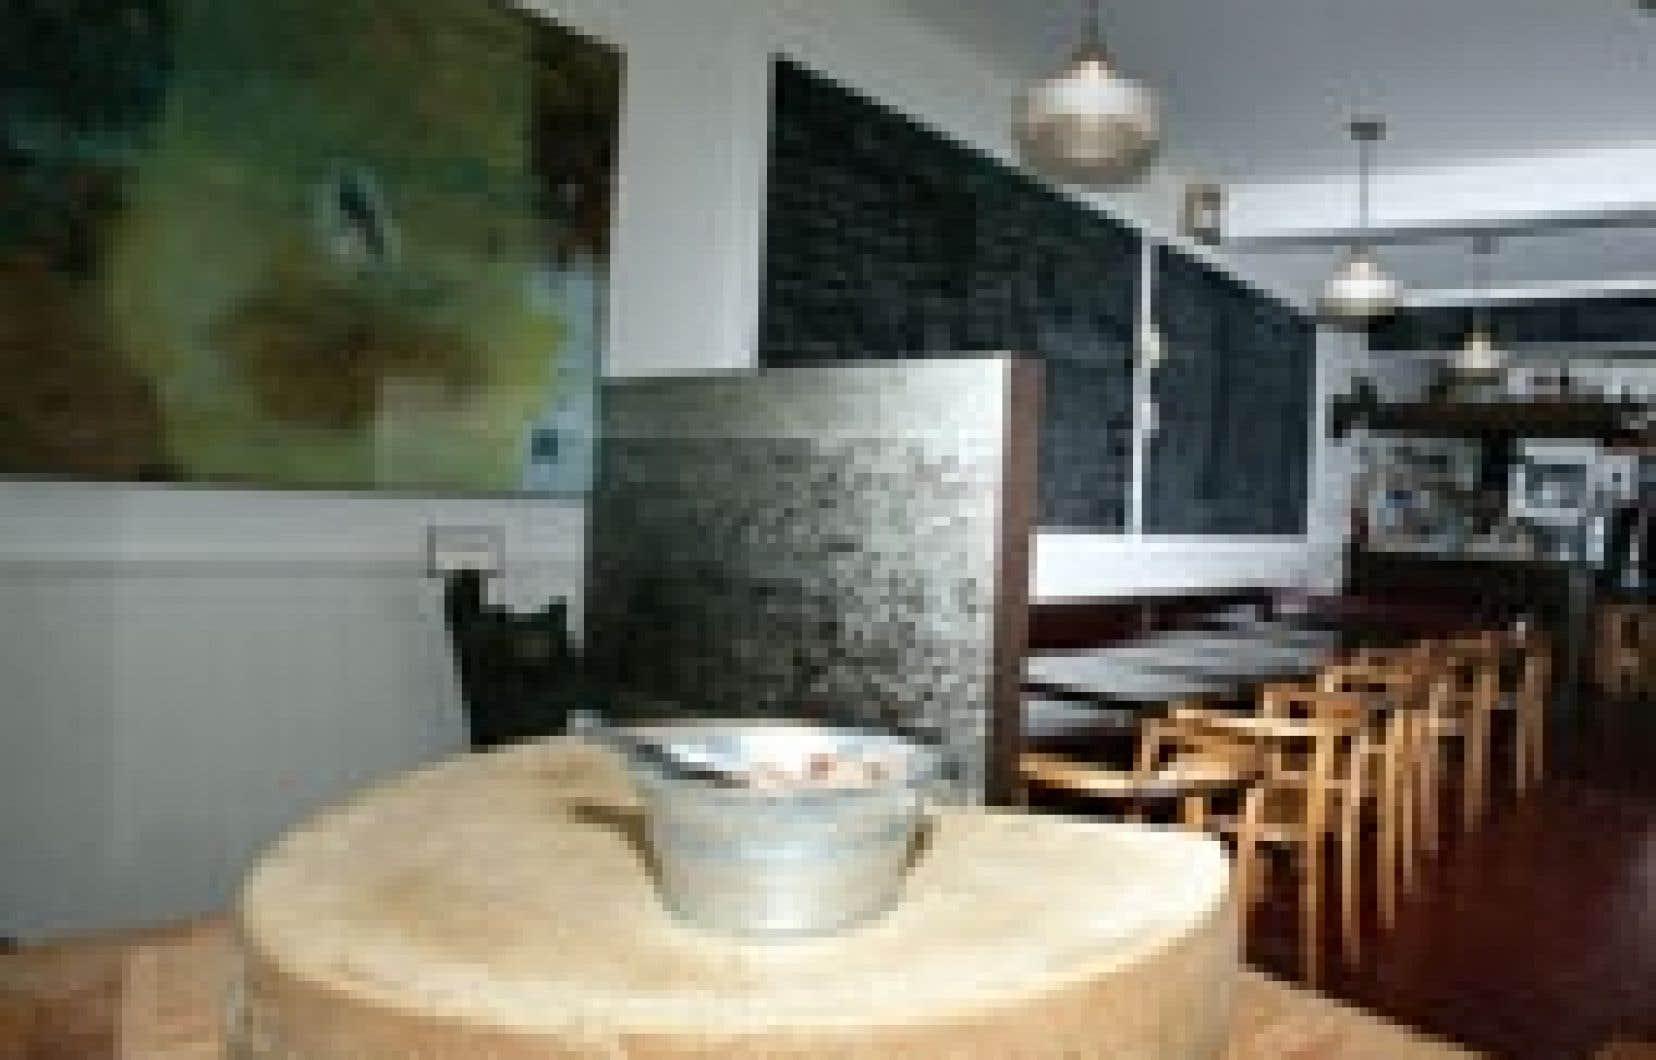 En entrant au restaurant, un gruyère entier trône avec fière allure sur un billot de boucher, annonçant les couleurs de l'établissement.